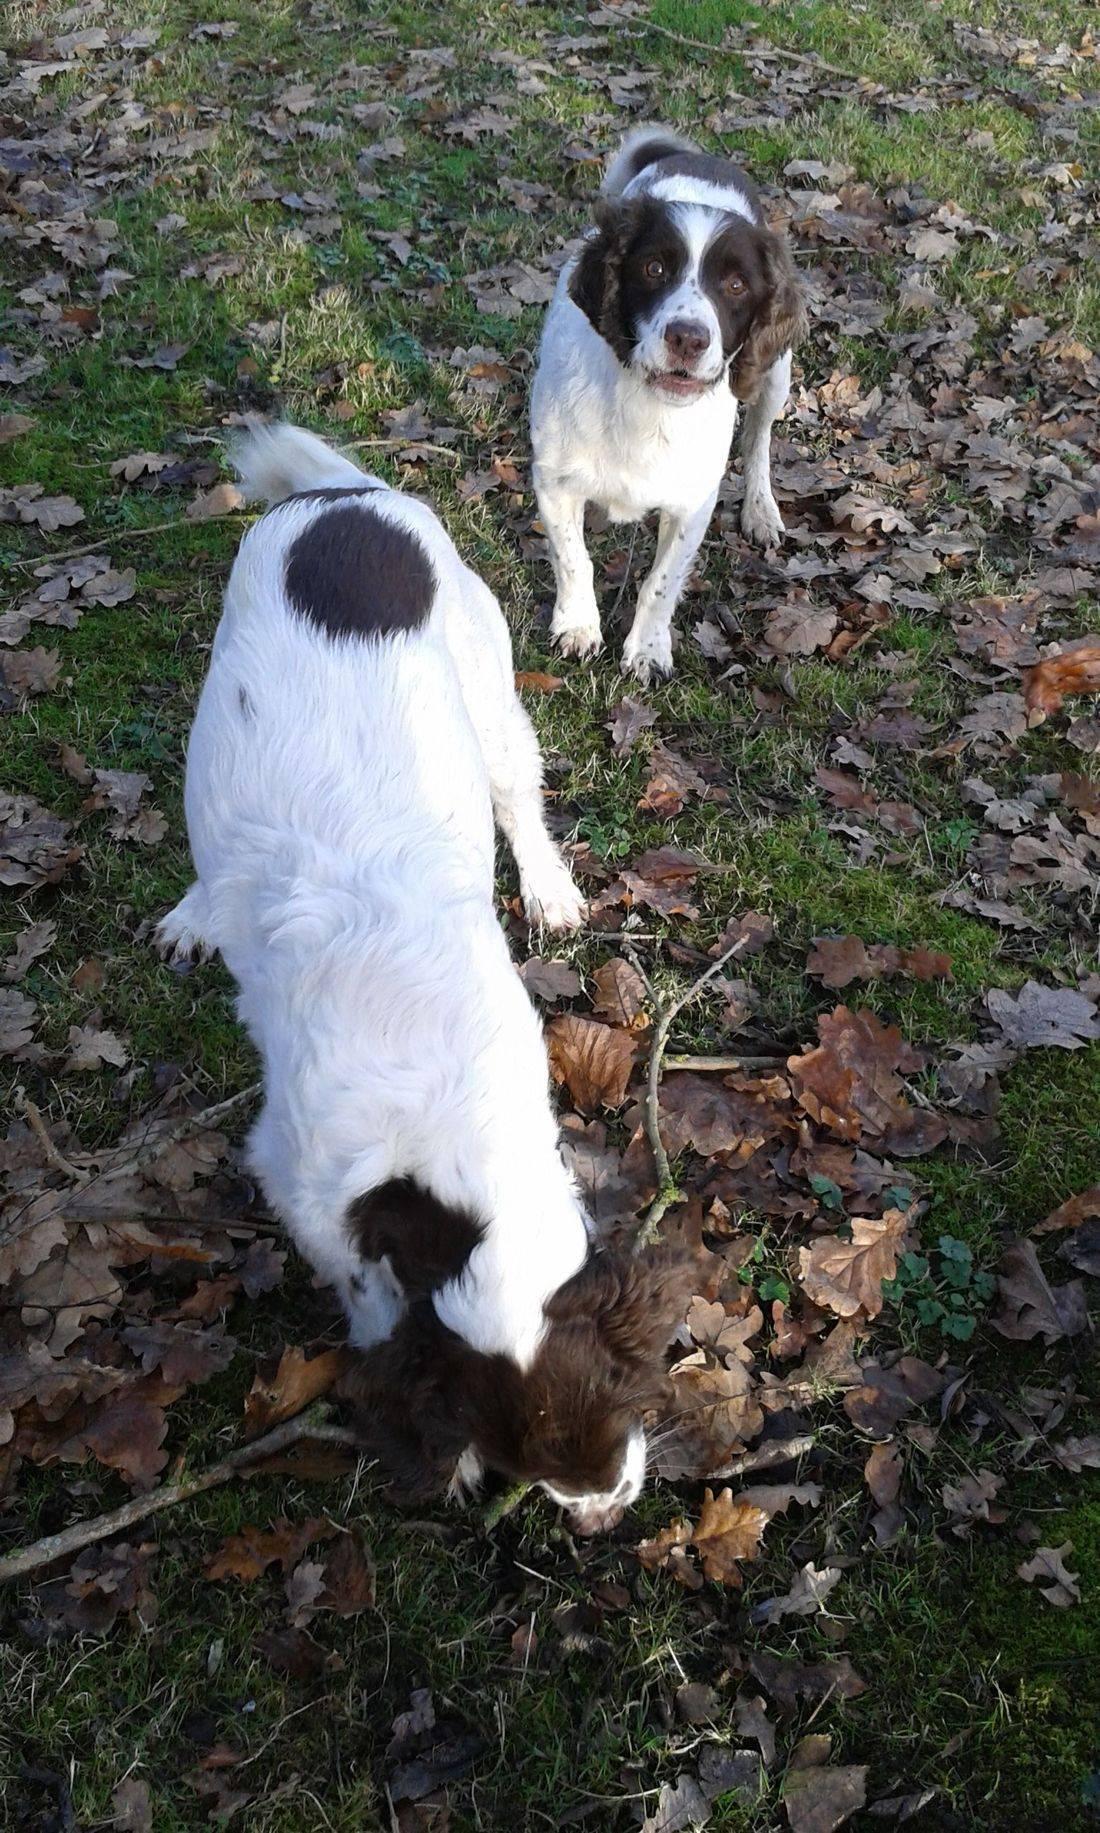 Springer spaniels amongst the leaves